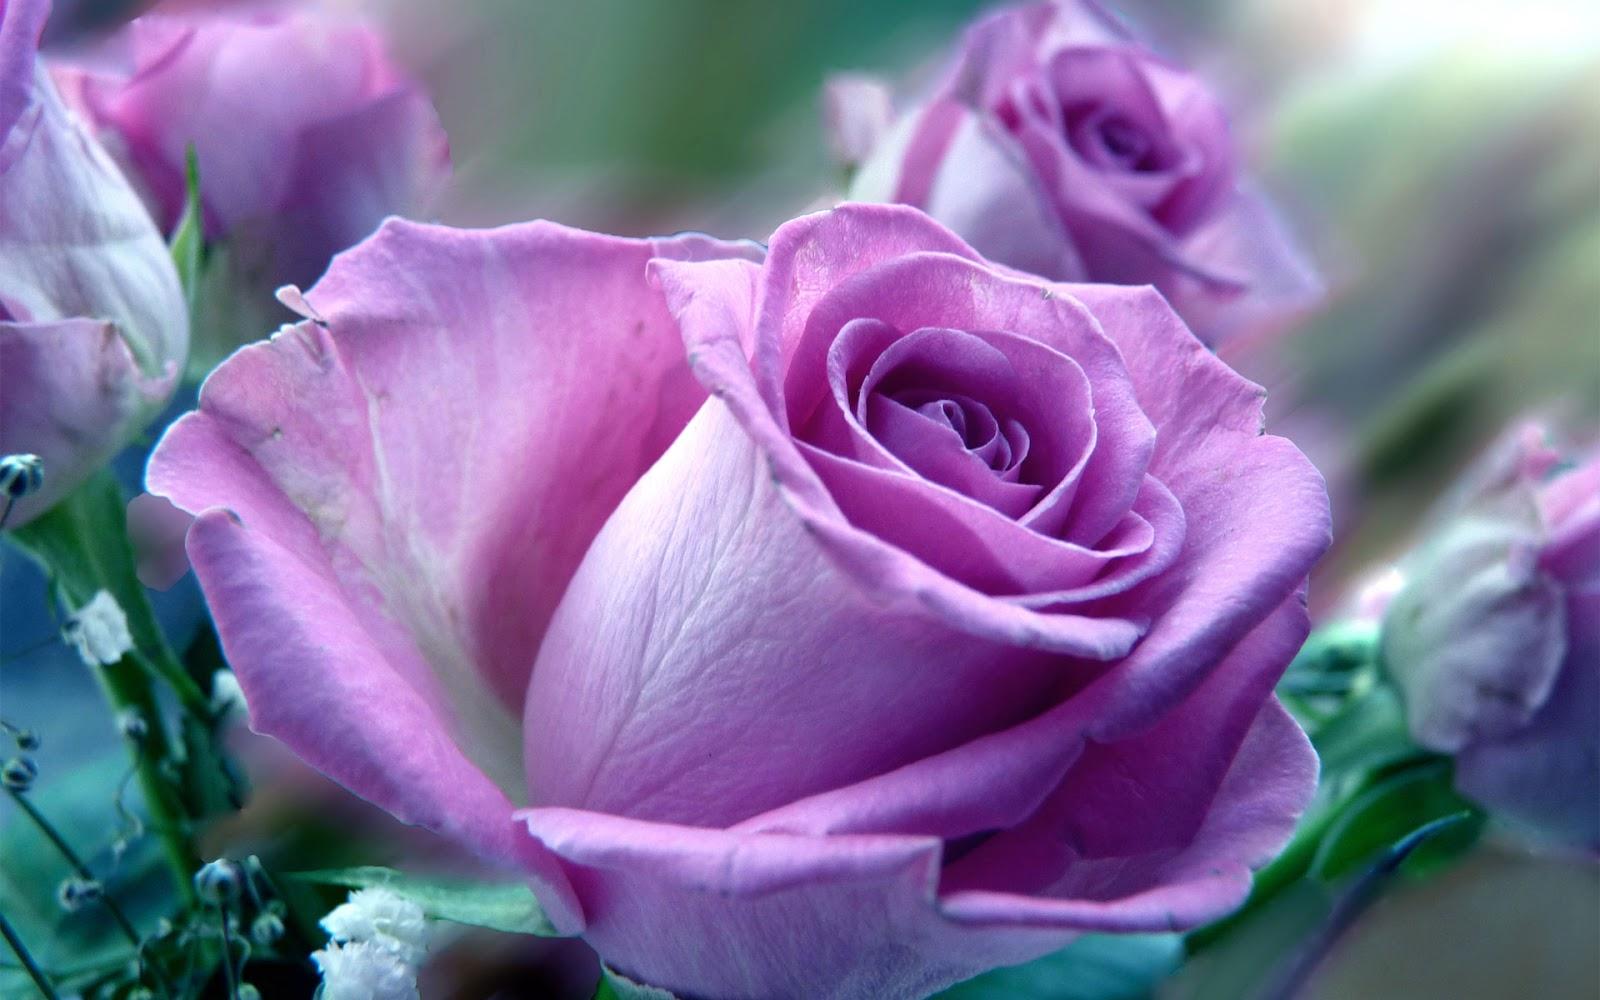 Beautiful Rose Hd Wallpapers Wallpapersafari